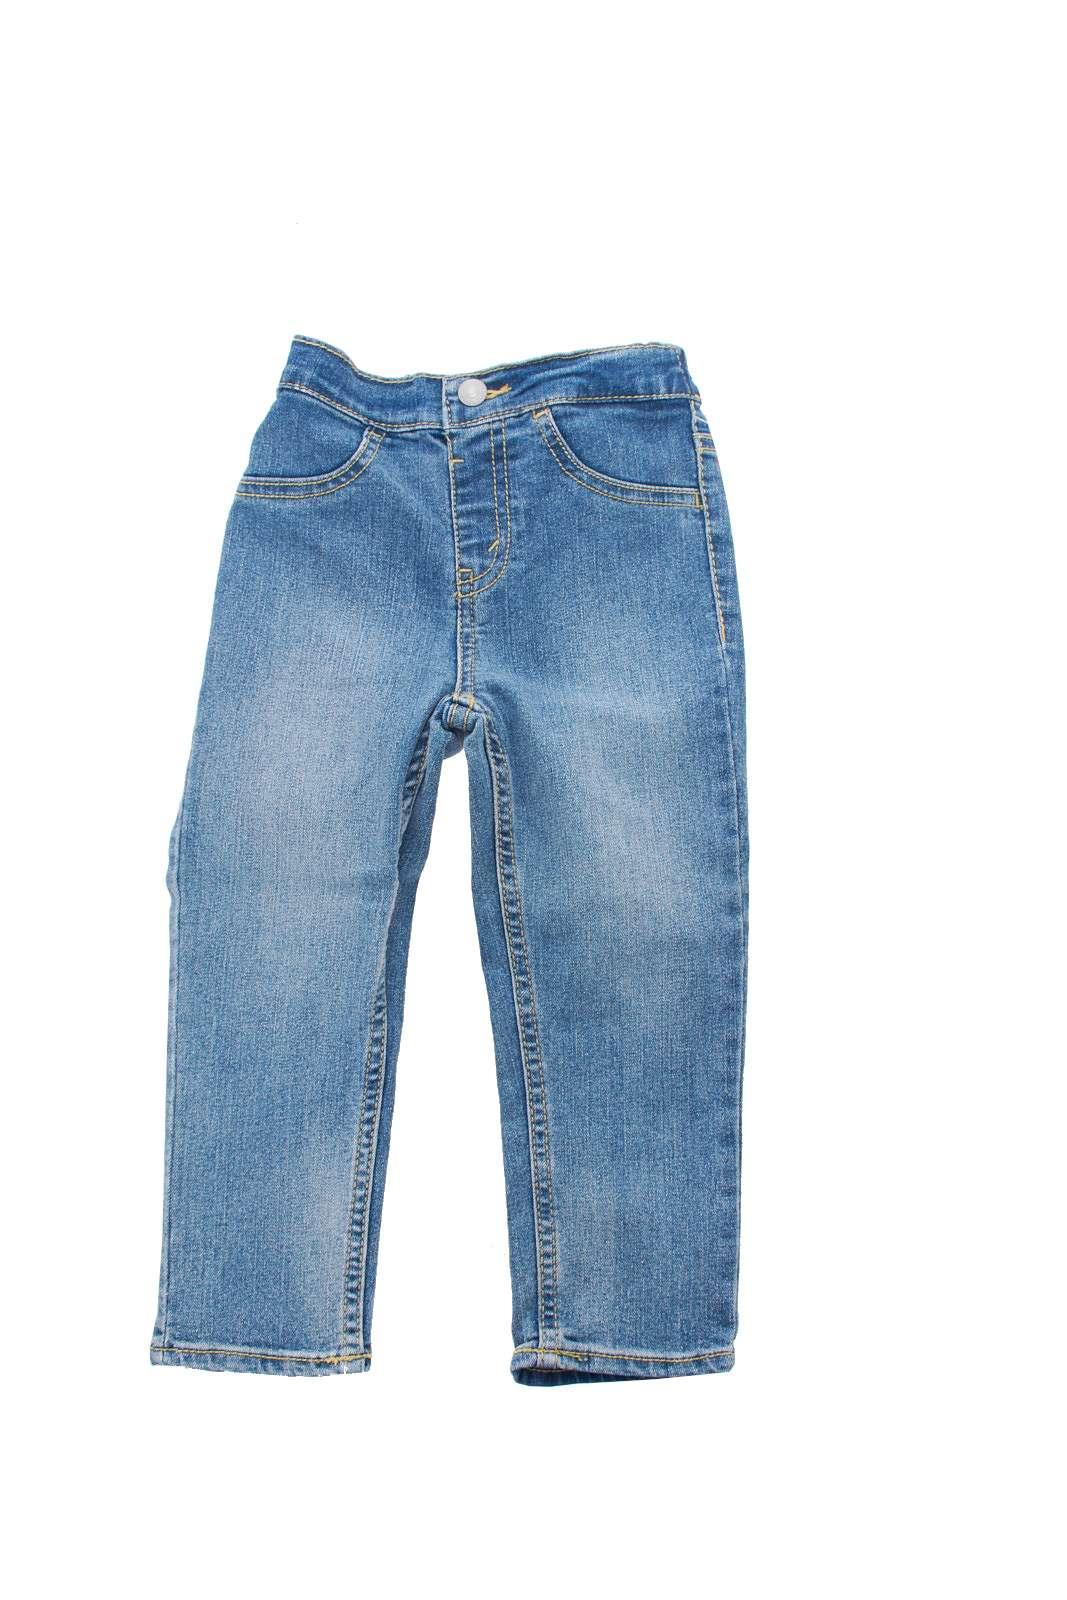 Un icona di stile, per il guardaroba maschile, sia adulto che da bambino: il jeans Levi's. L'ideale per outfit che uniscono stile e praticità, creando un look iconico e all'avanguardia.